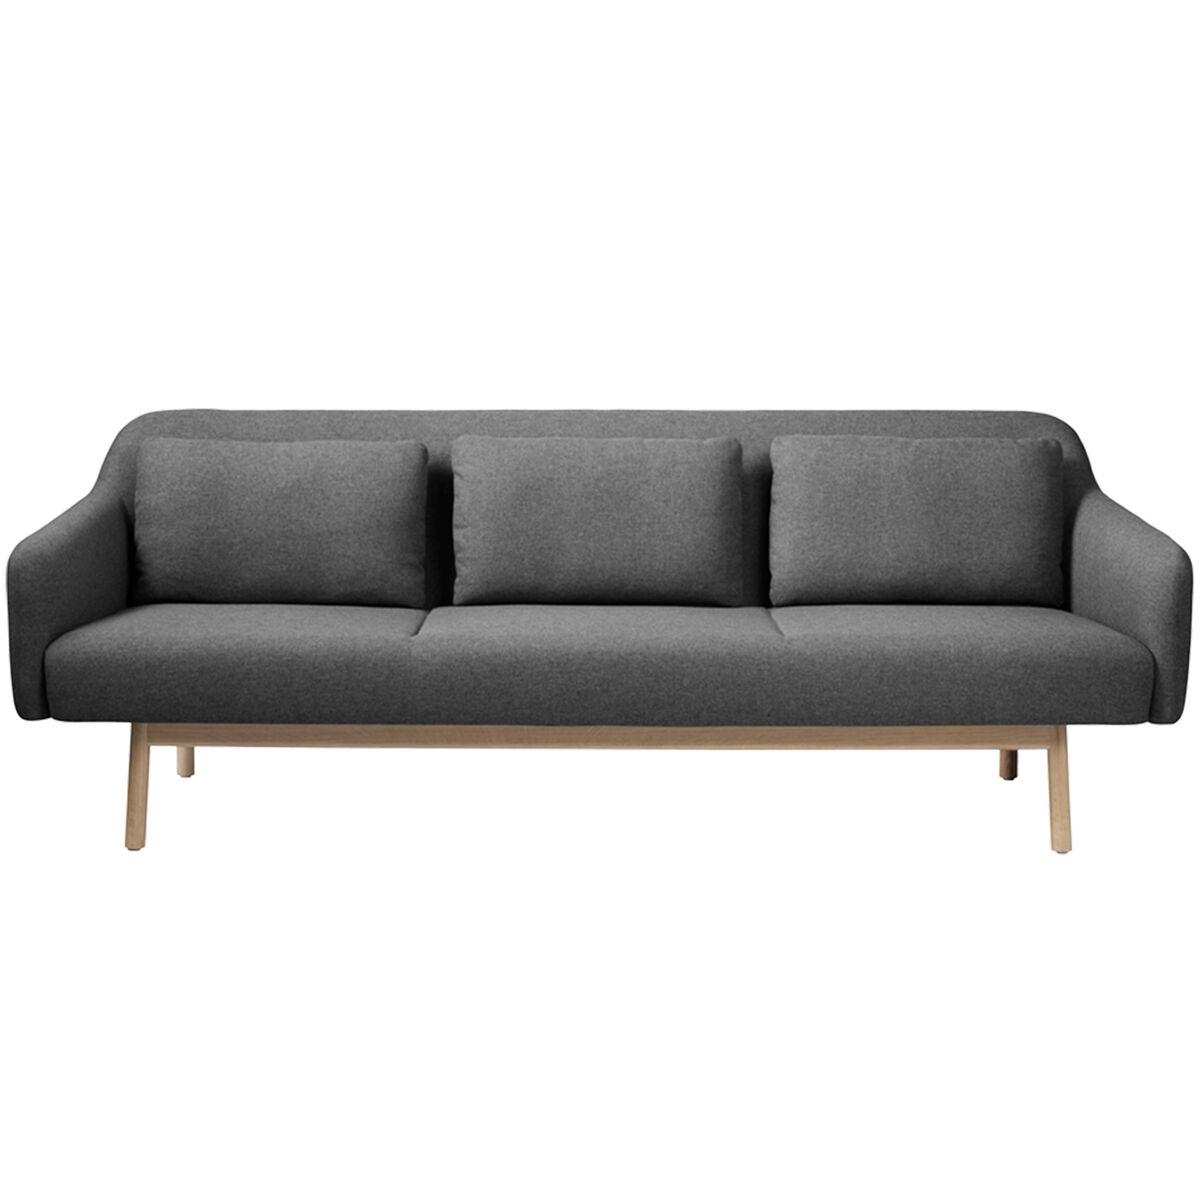 FDB M�bler L34 Gesja sohva, 3-istuttava, tummanharmaa